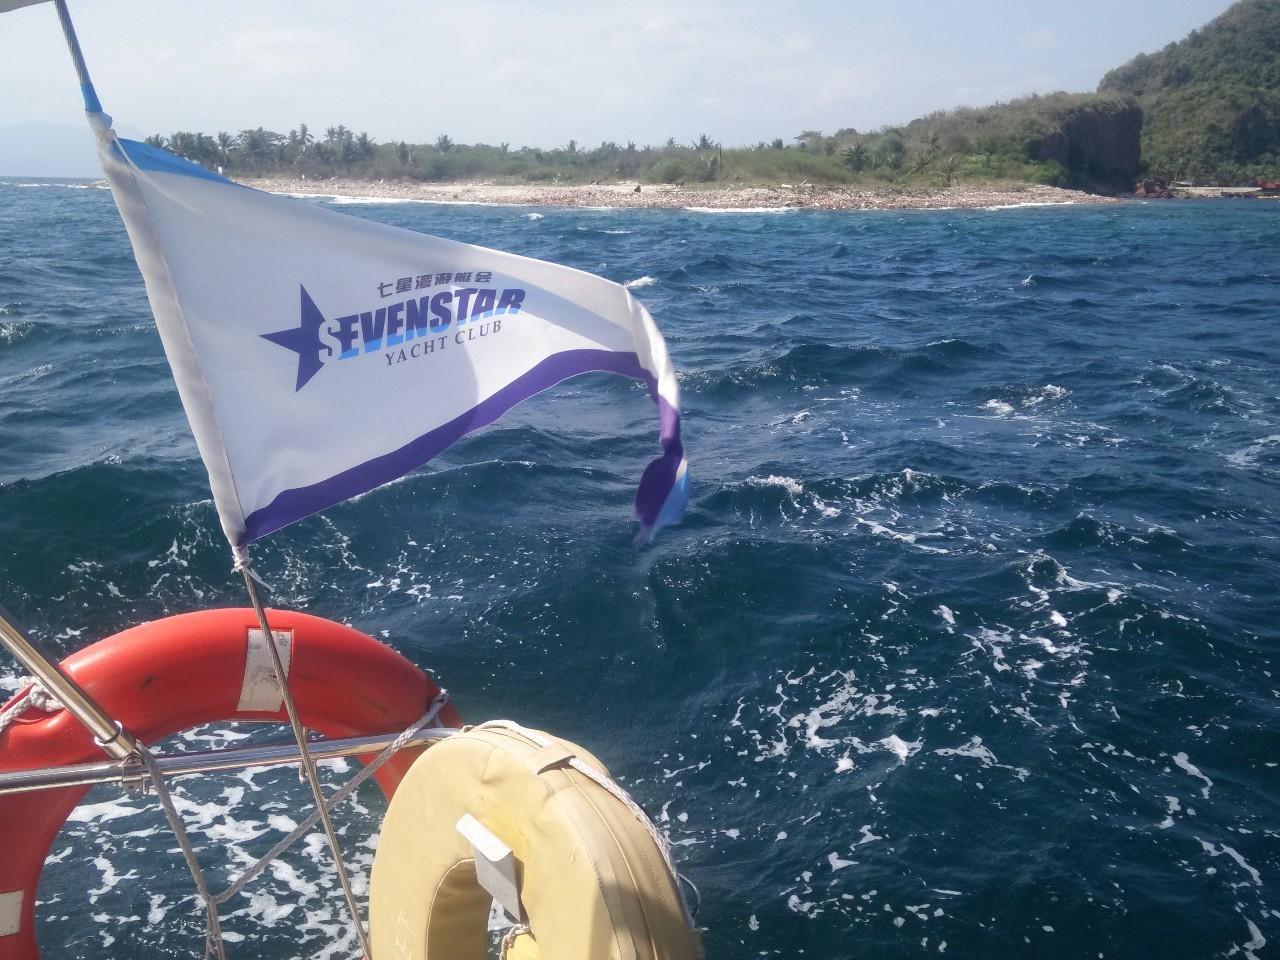 难忘的日落风帆,菲律宾极美海岛游记! 4d9f22a5681e1ca418244786cbbf44f2.jpg